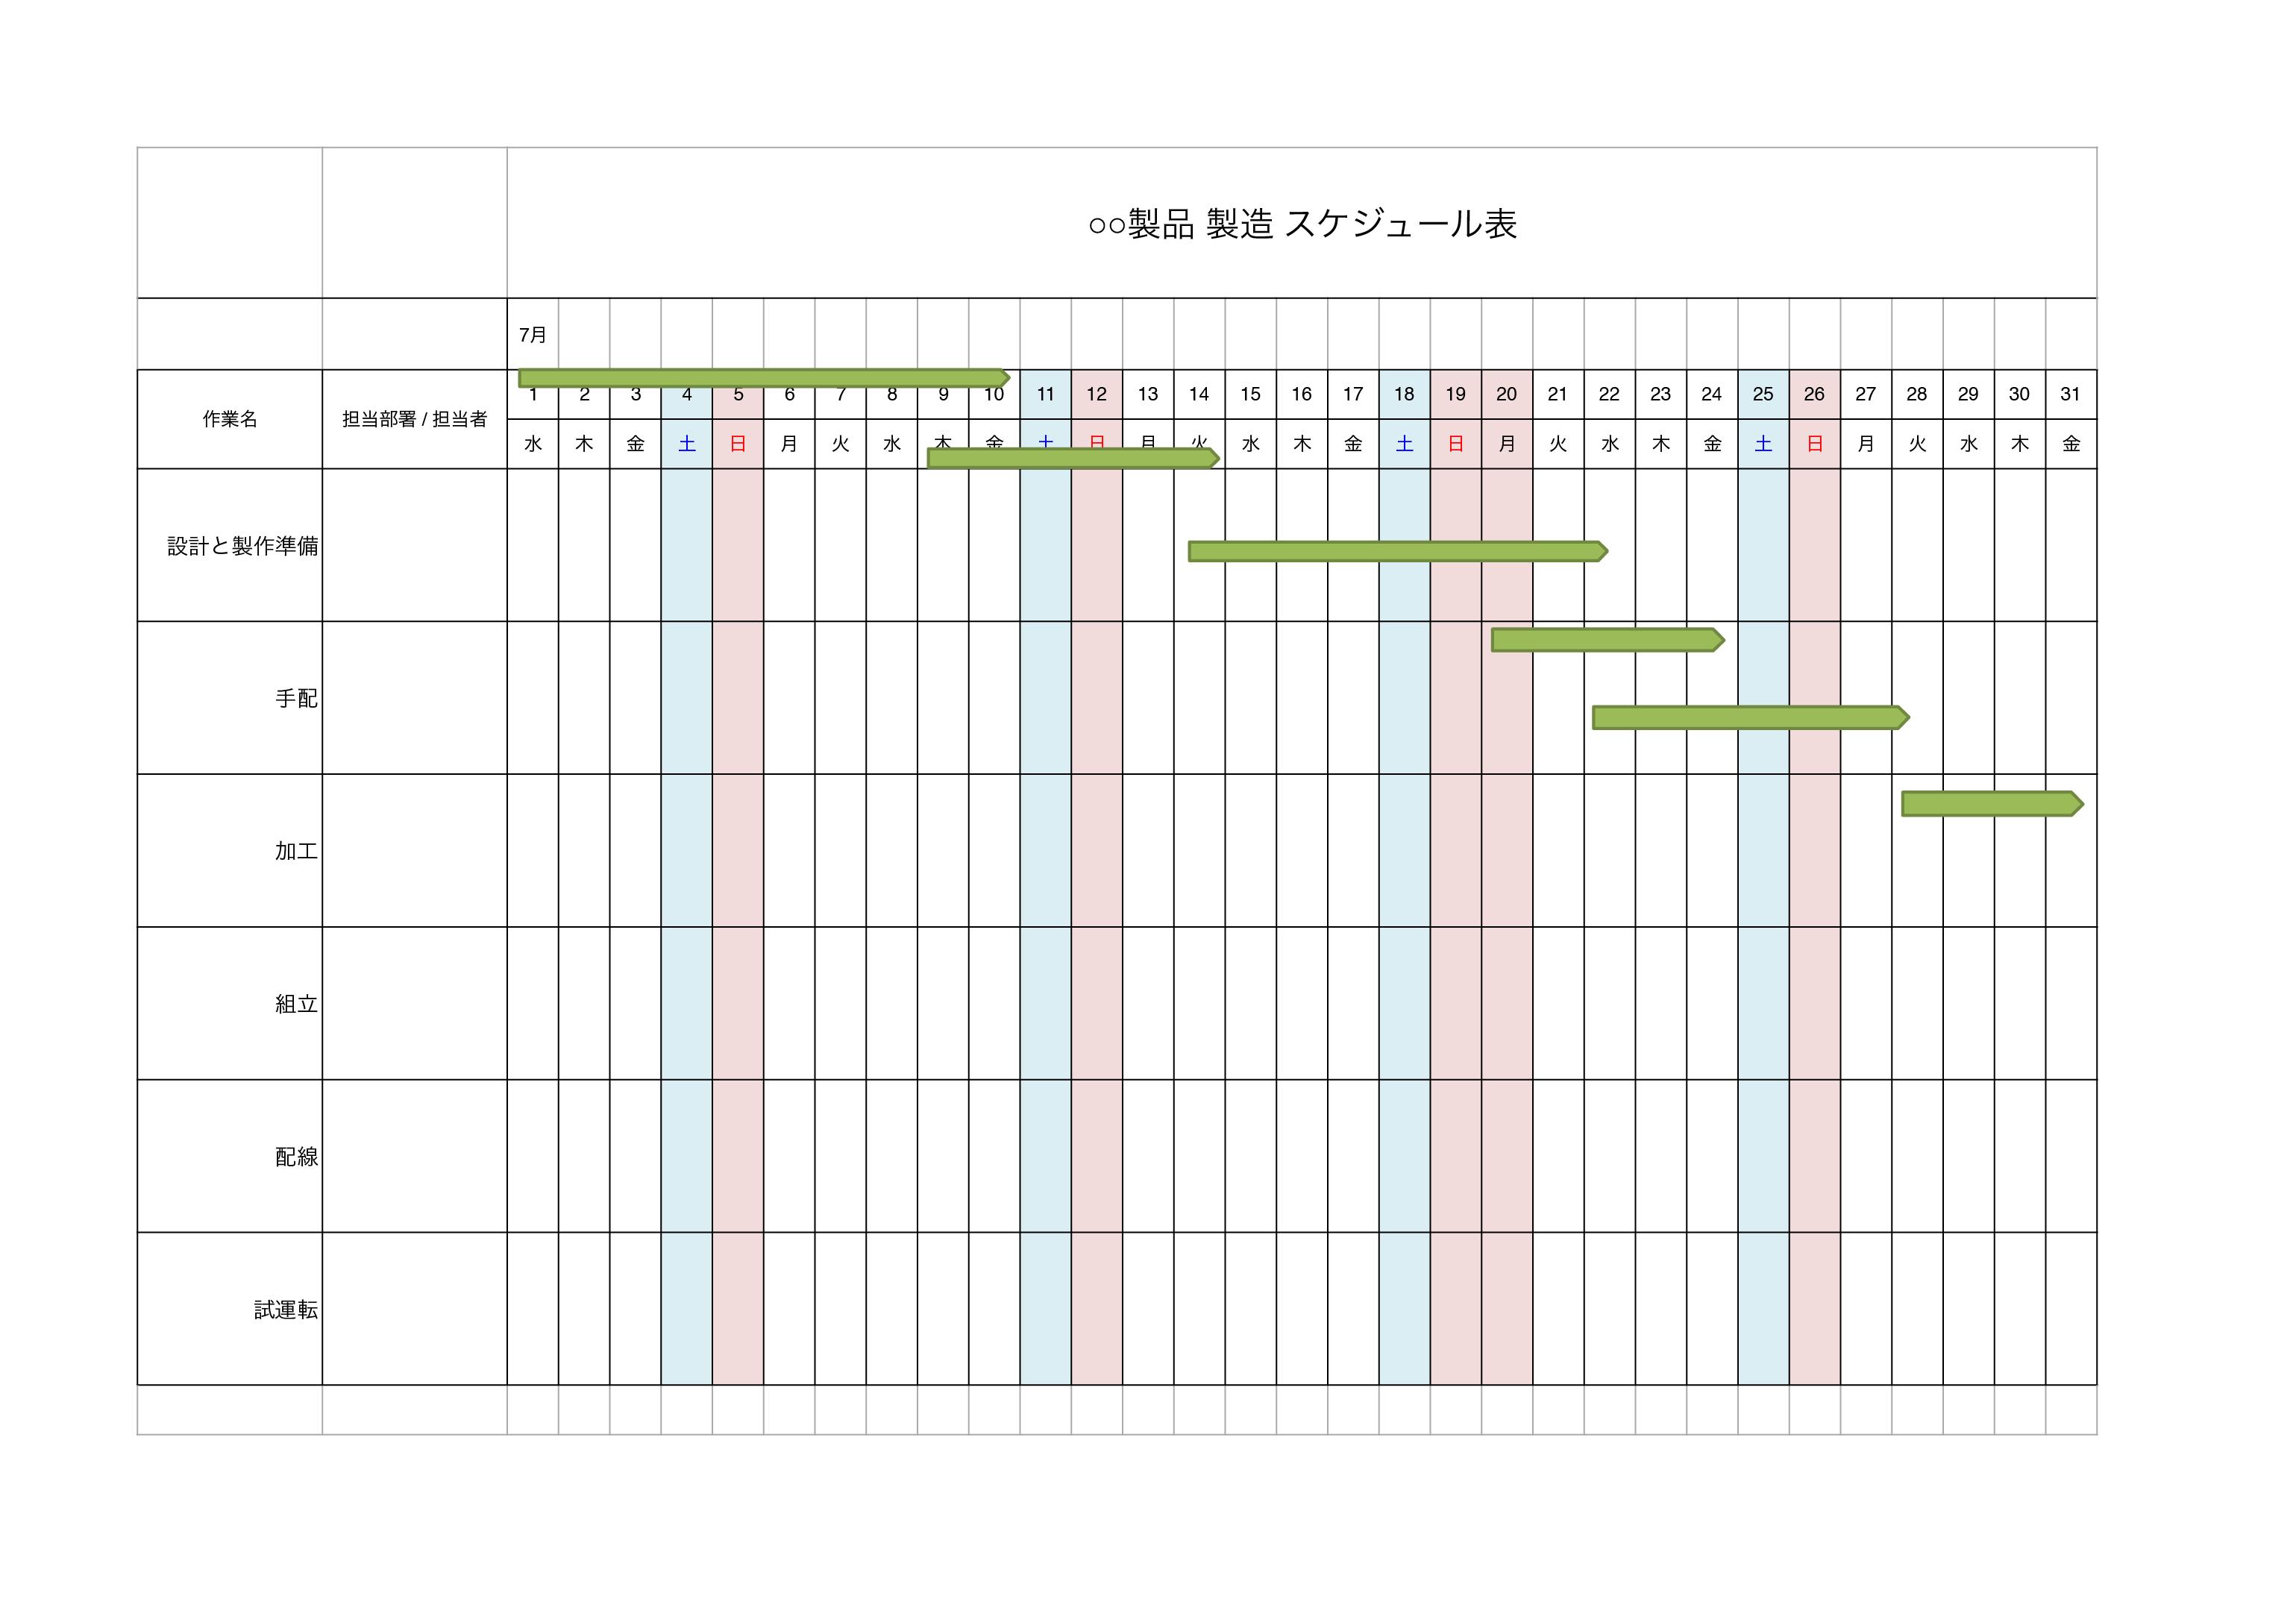 製品製造スケジュール テンプレート(エクセル・ナンバーズ)